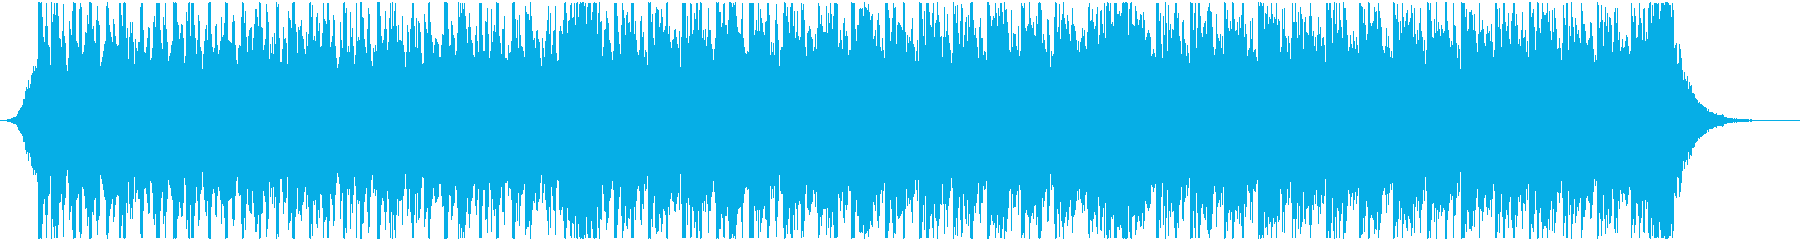 緊迫感のあるシネマティック(テンポ早め)の再生済みの波形